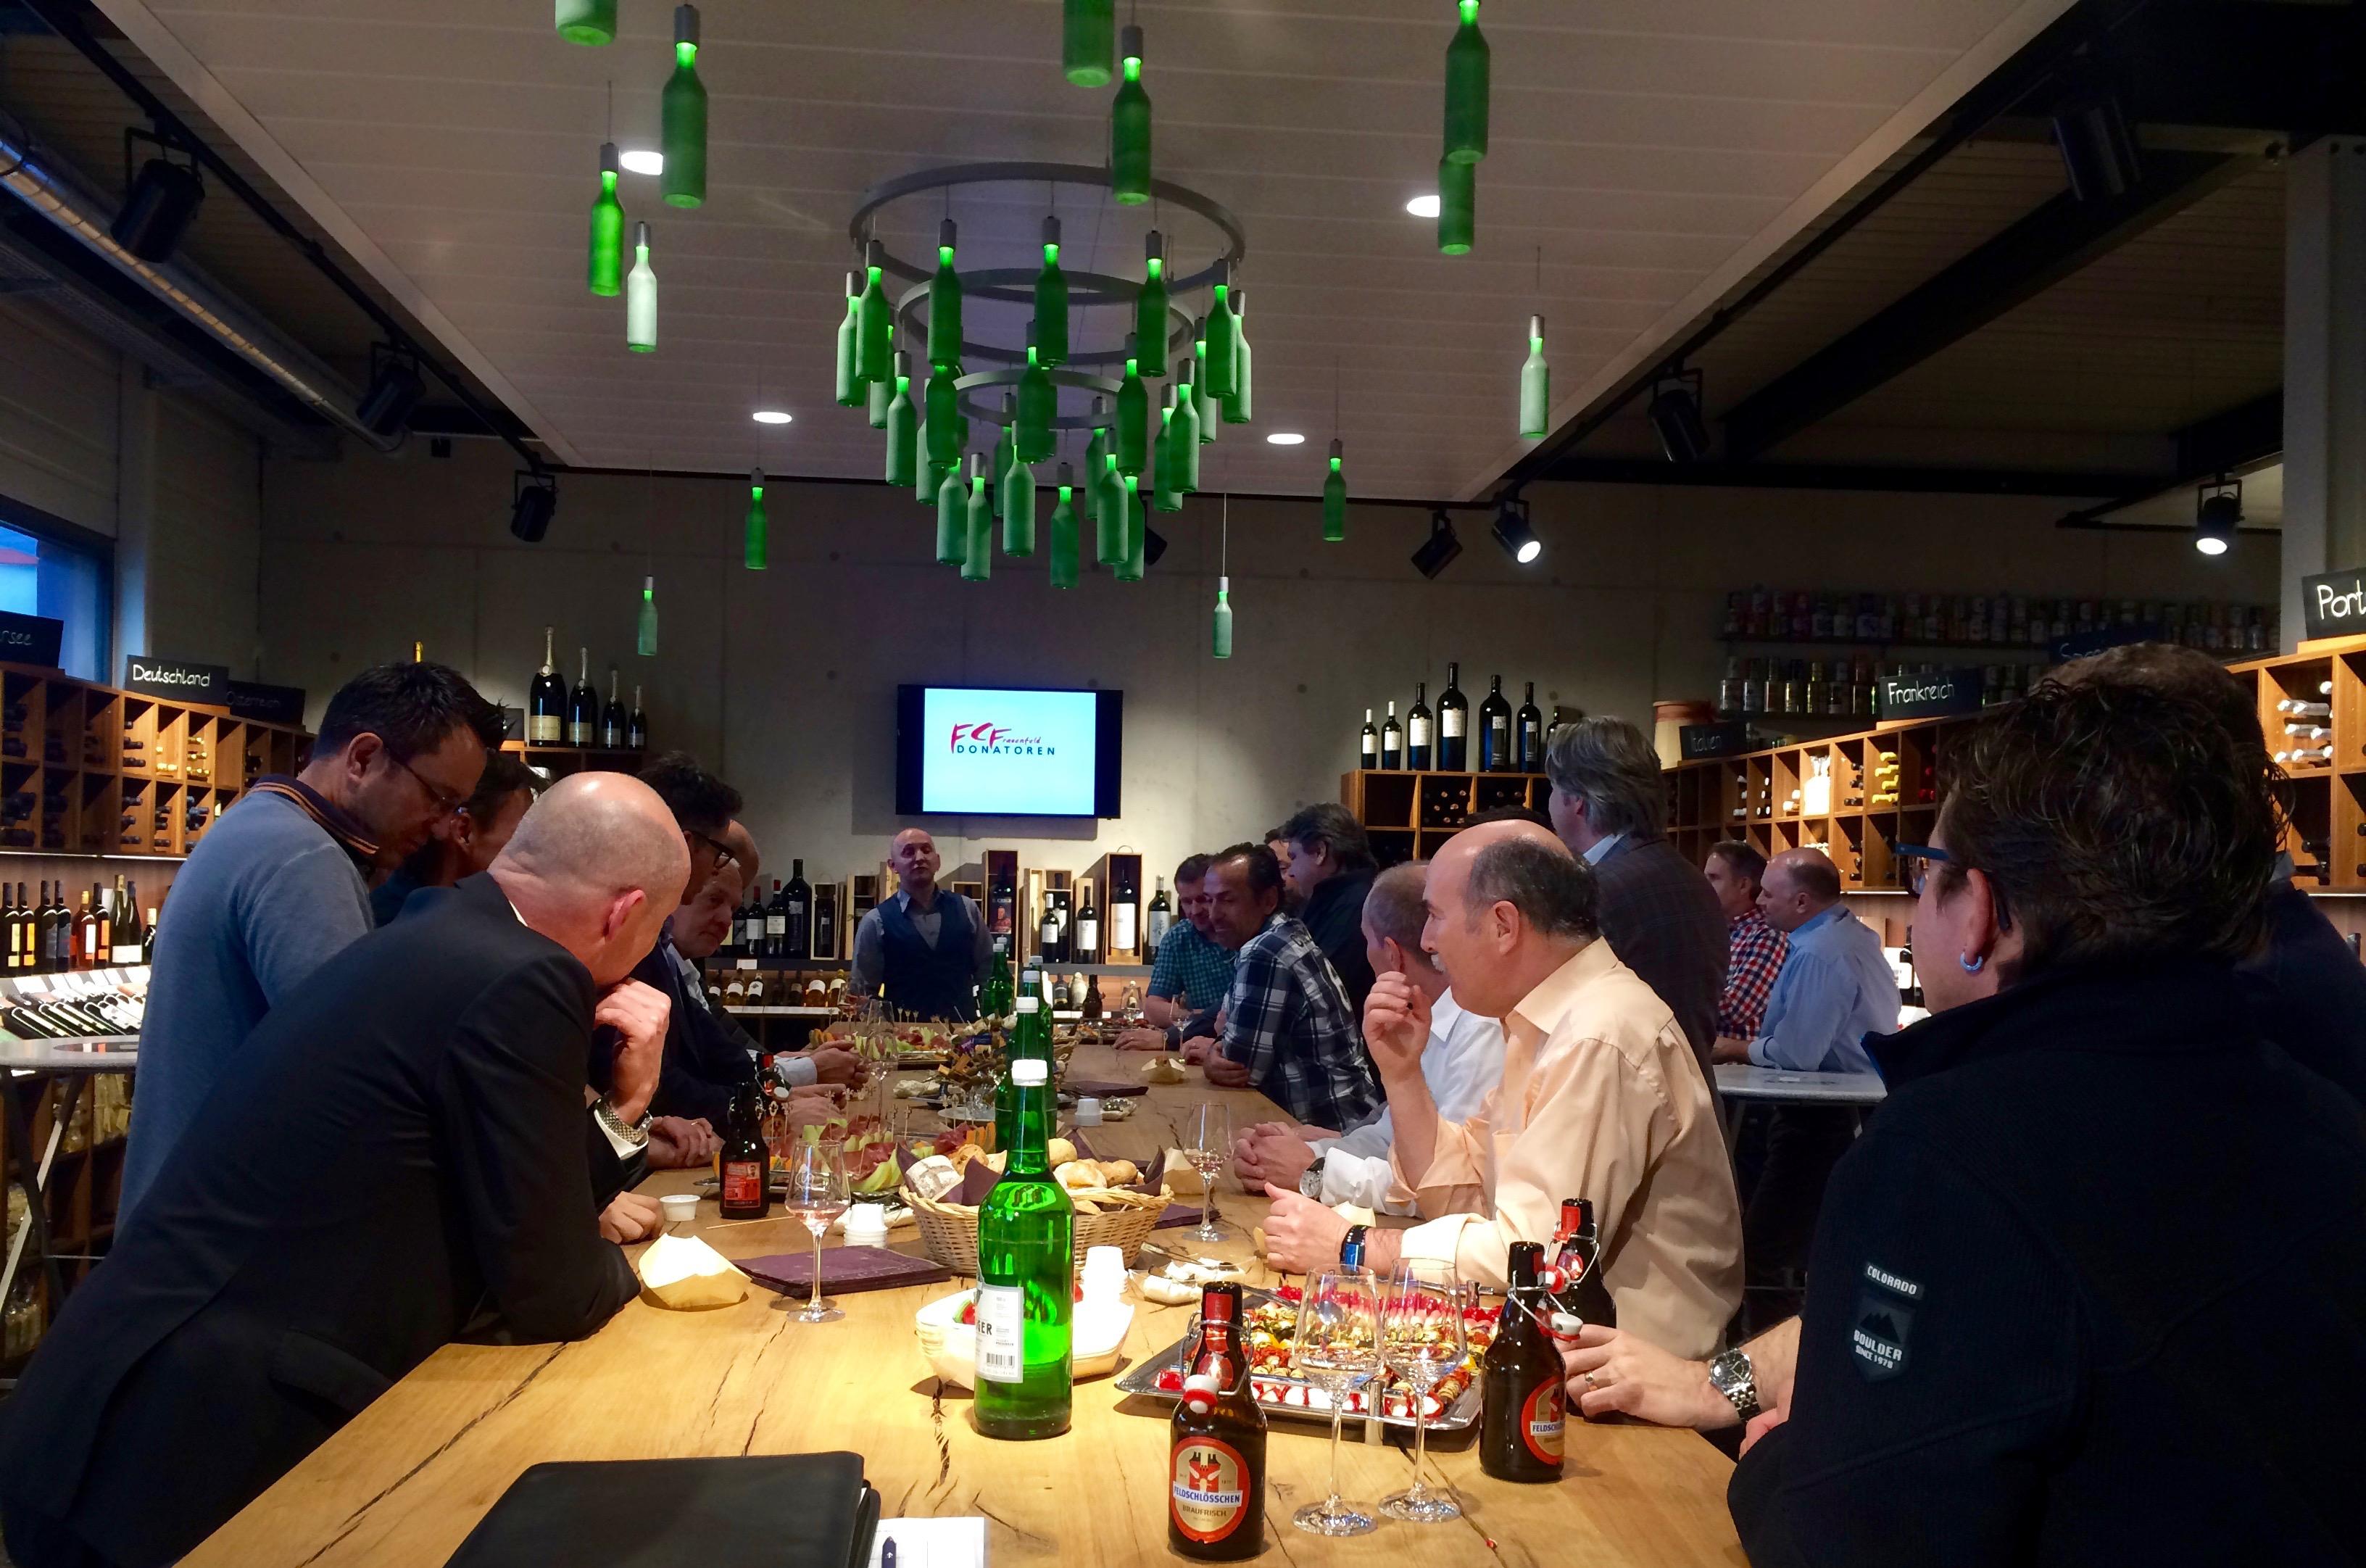 Degustationsanlass bei der Getränke Hahn AG 2016 – FCF Donatoren